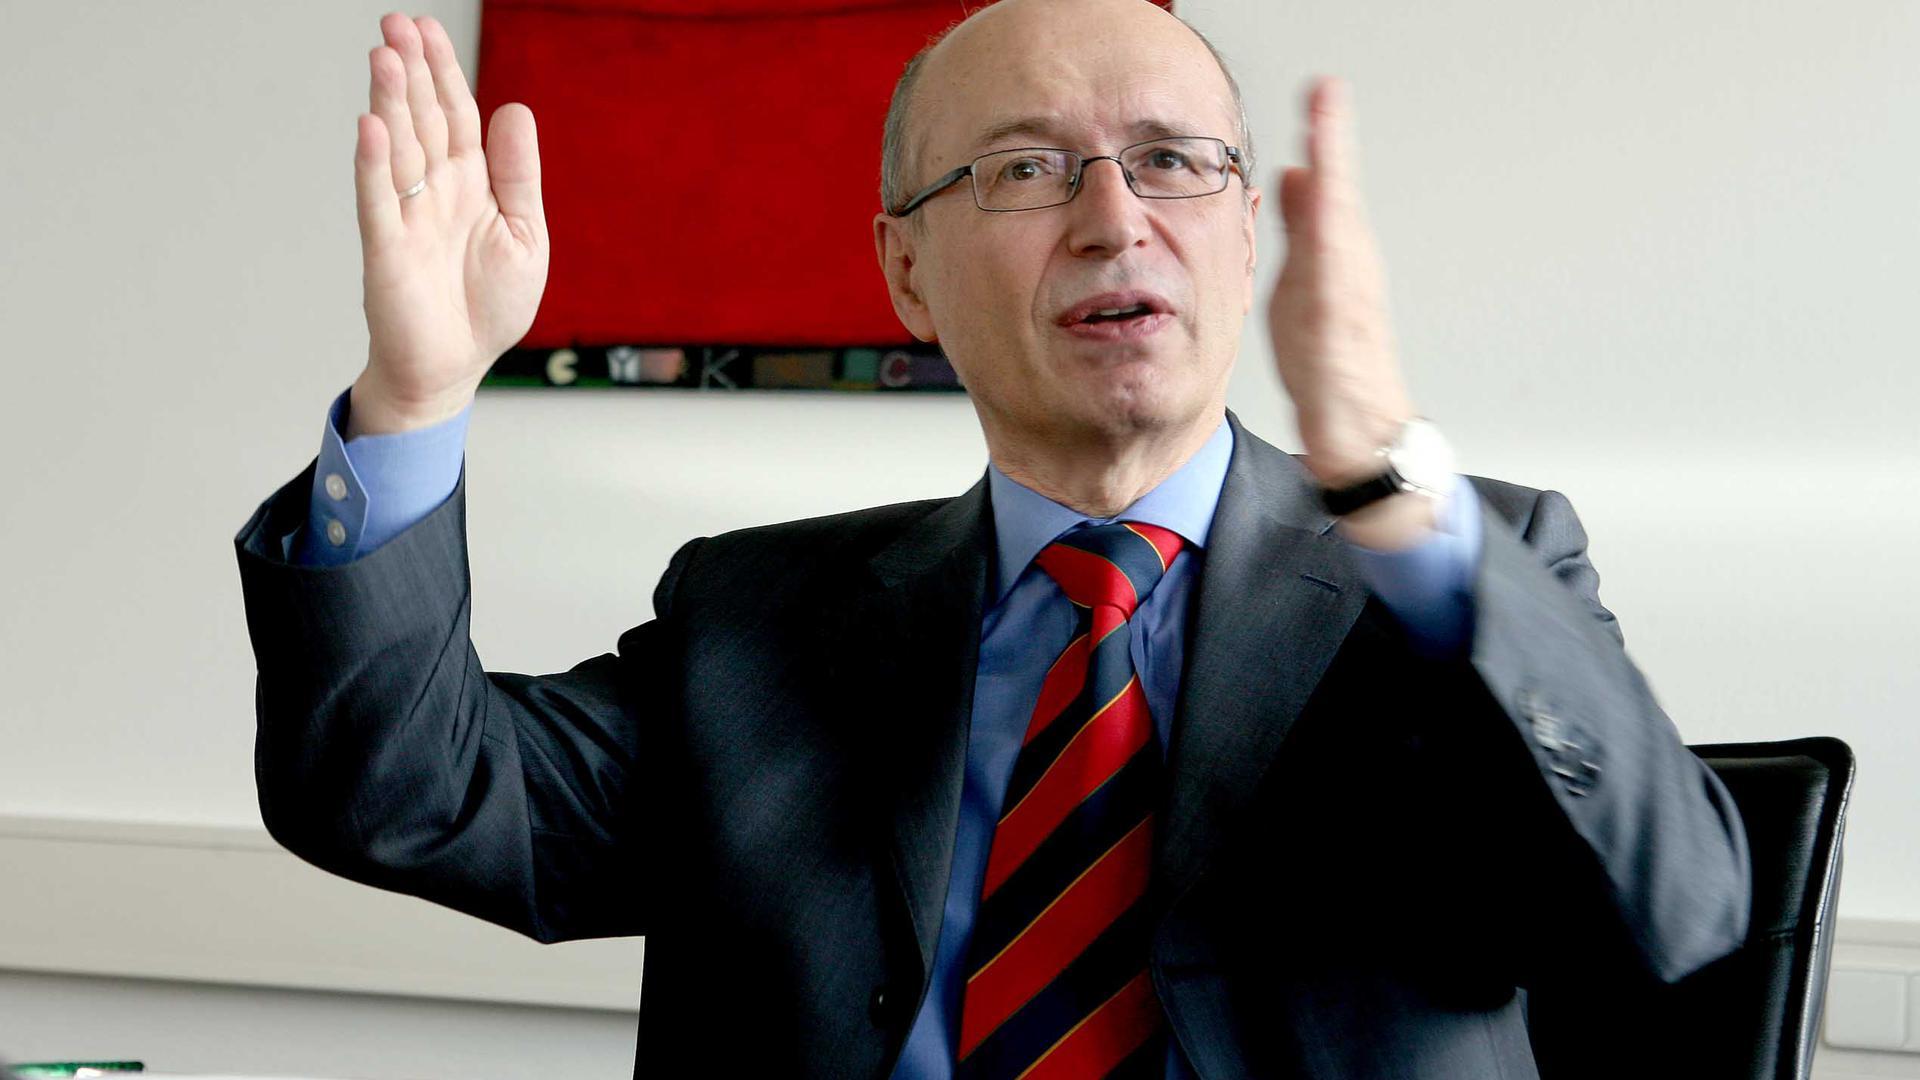 Gottfried Greschner, Vorstandsvorsitzender der Karlsruher Firma init